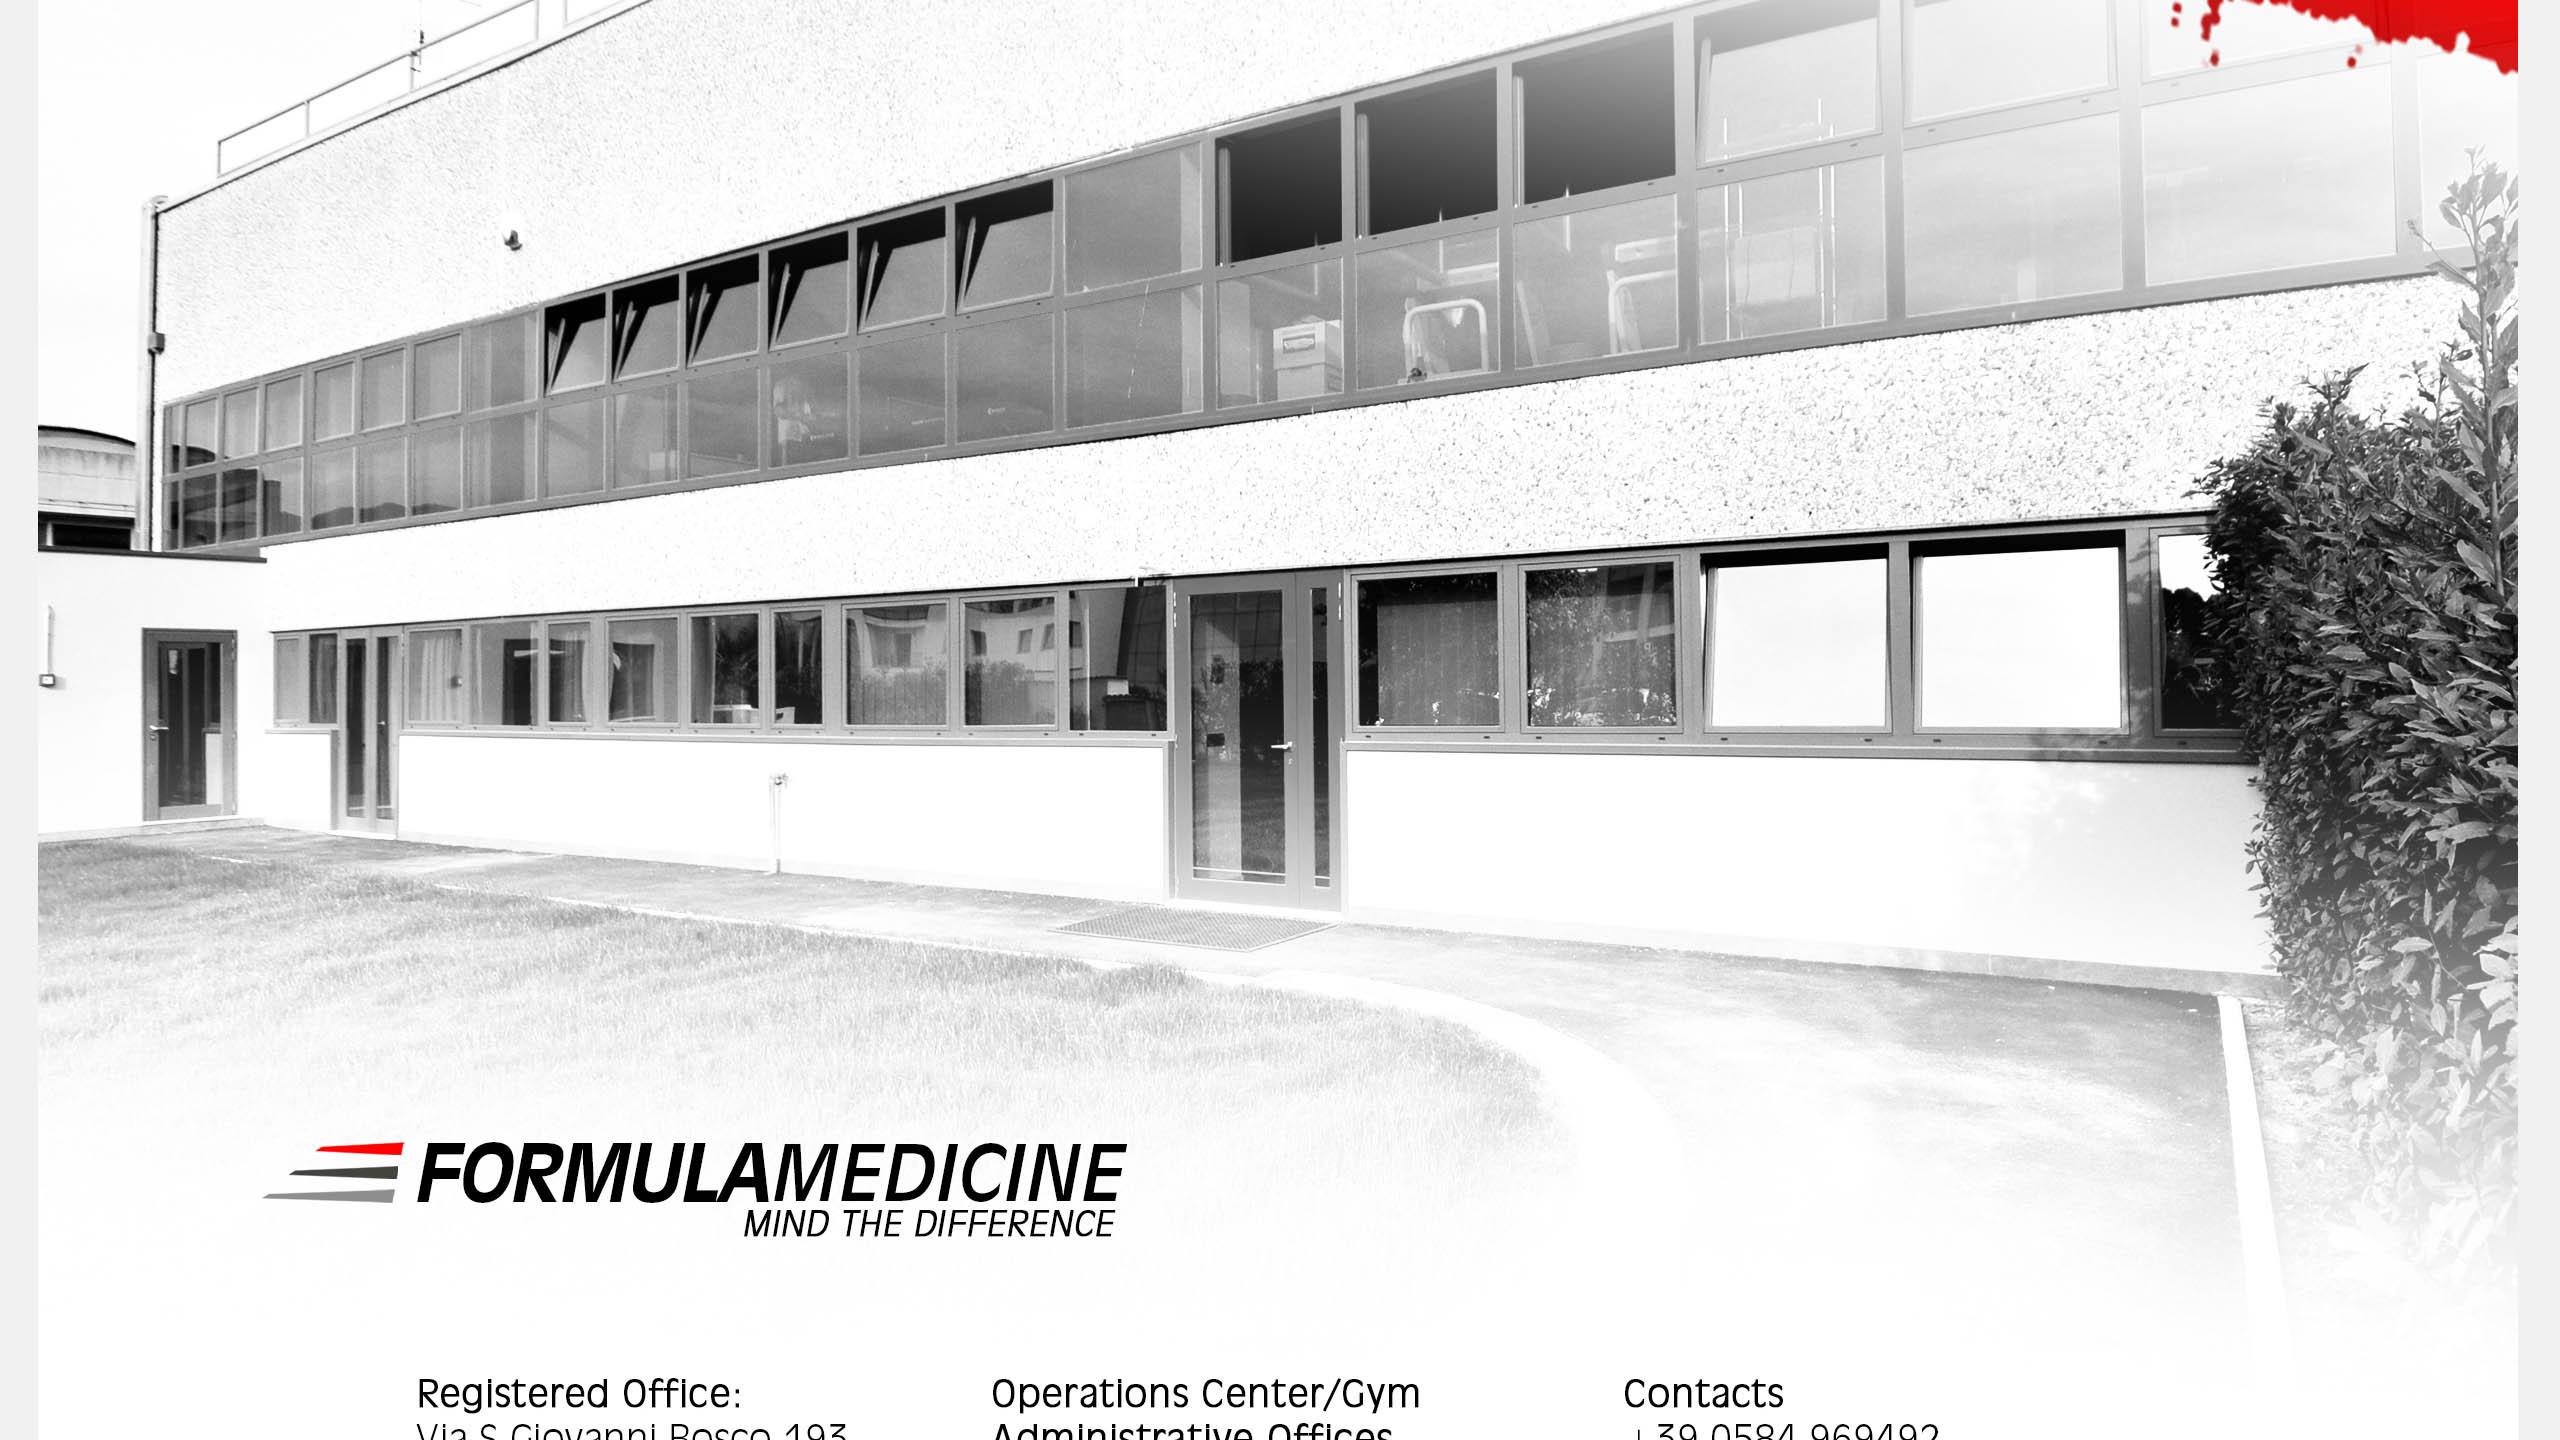 Grafica_video_fotografia_aziendale-Formula_Medicine-di-Riccardo_Ceccarelli-Studio-B19